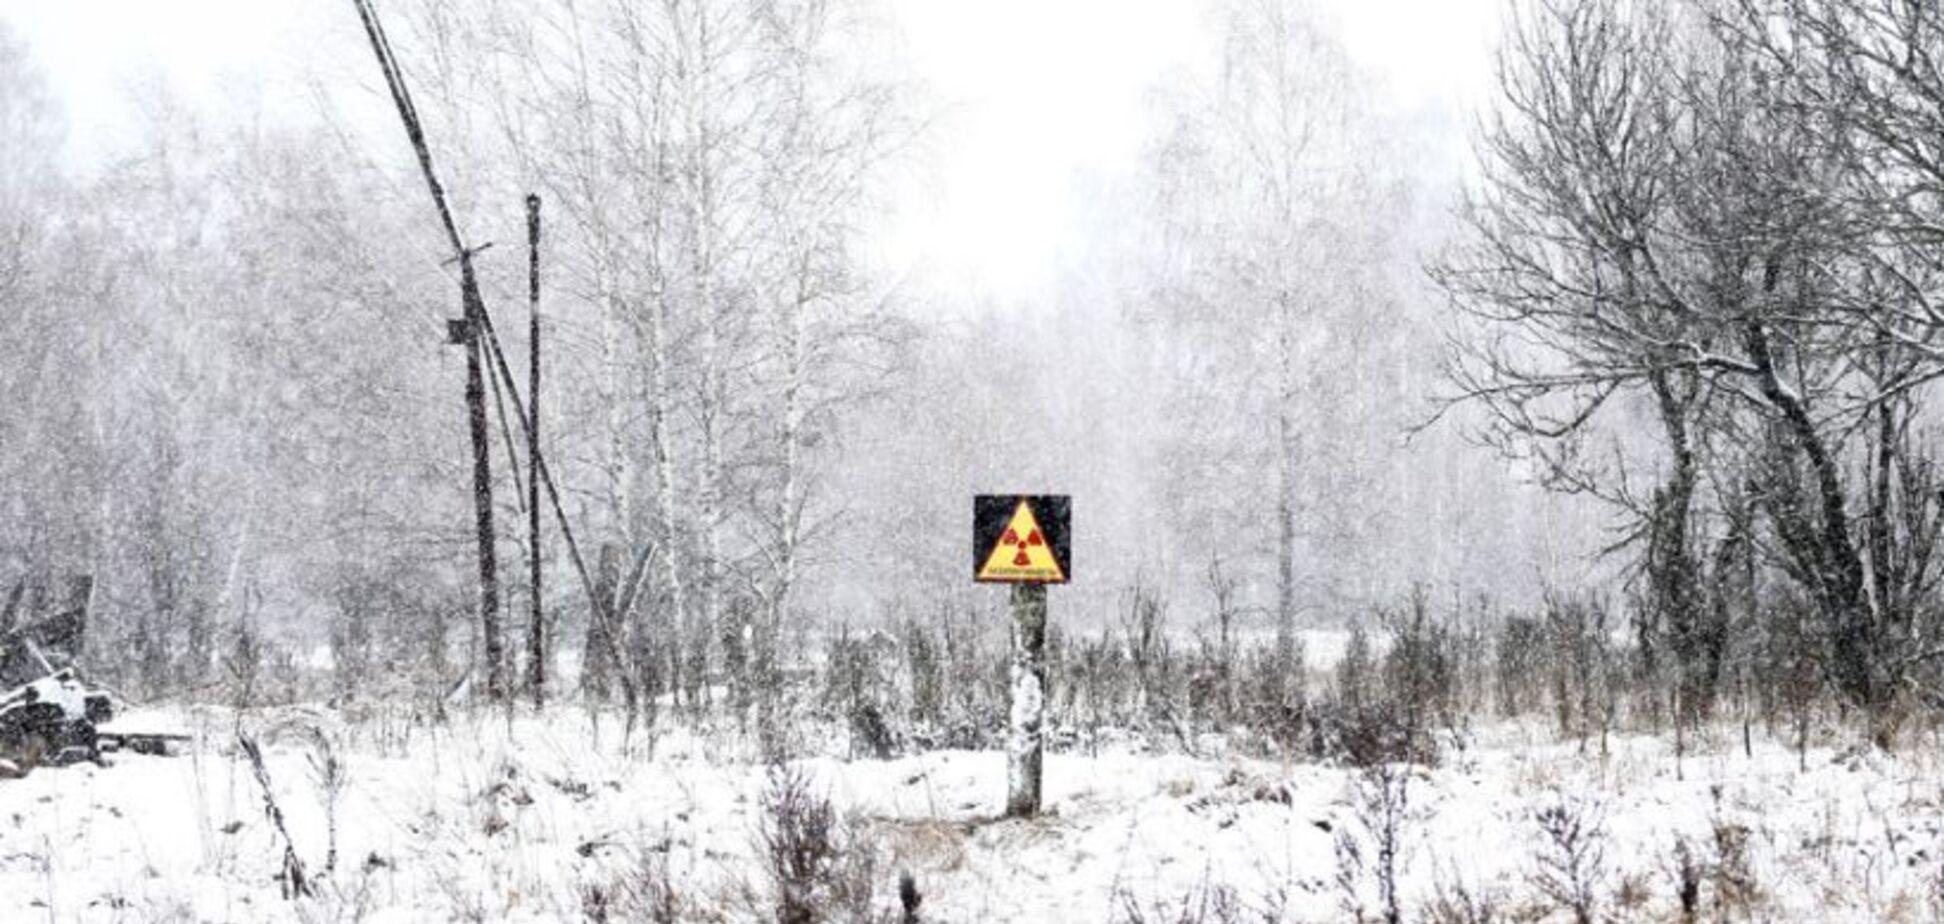 Уряд України вирішив добувати 'зелену' енергію на території Чорнобиля